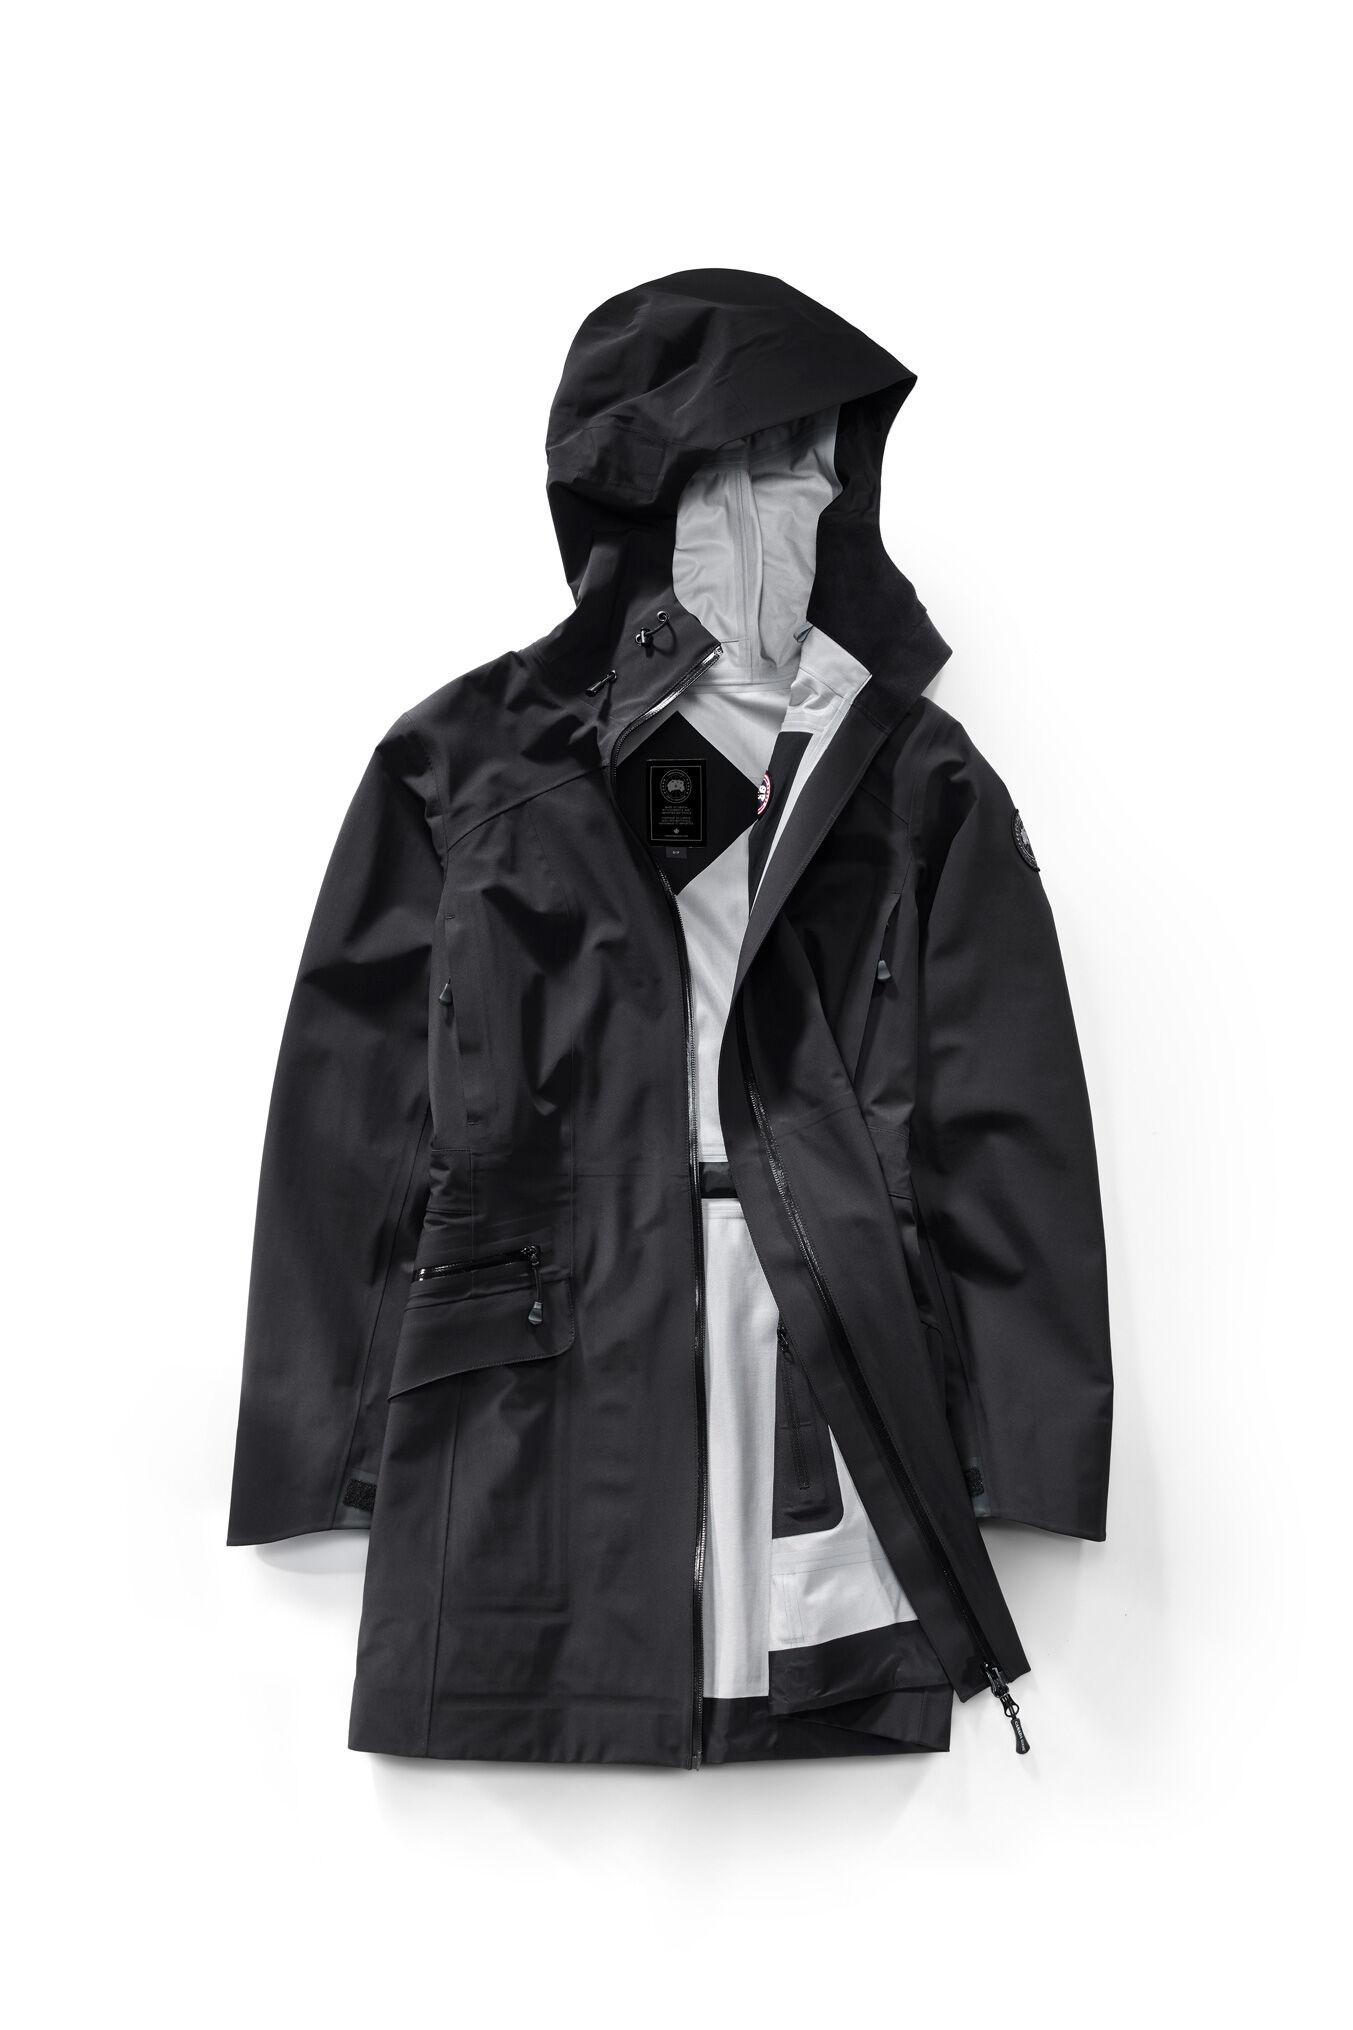 Womens rain jacket canada